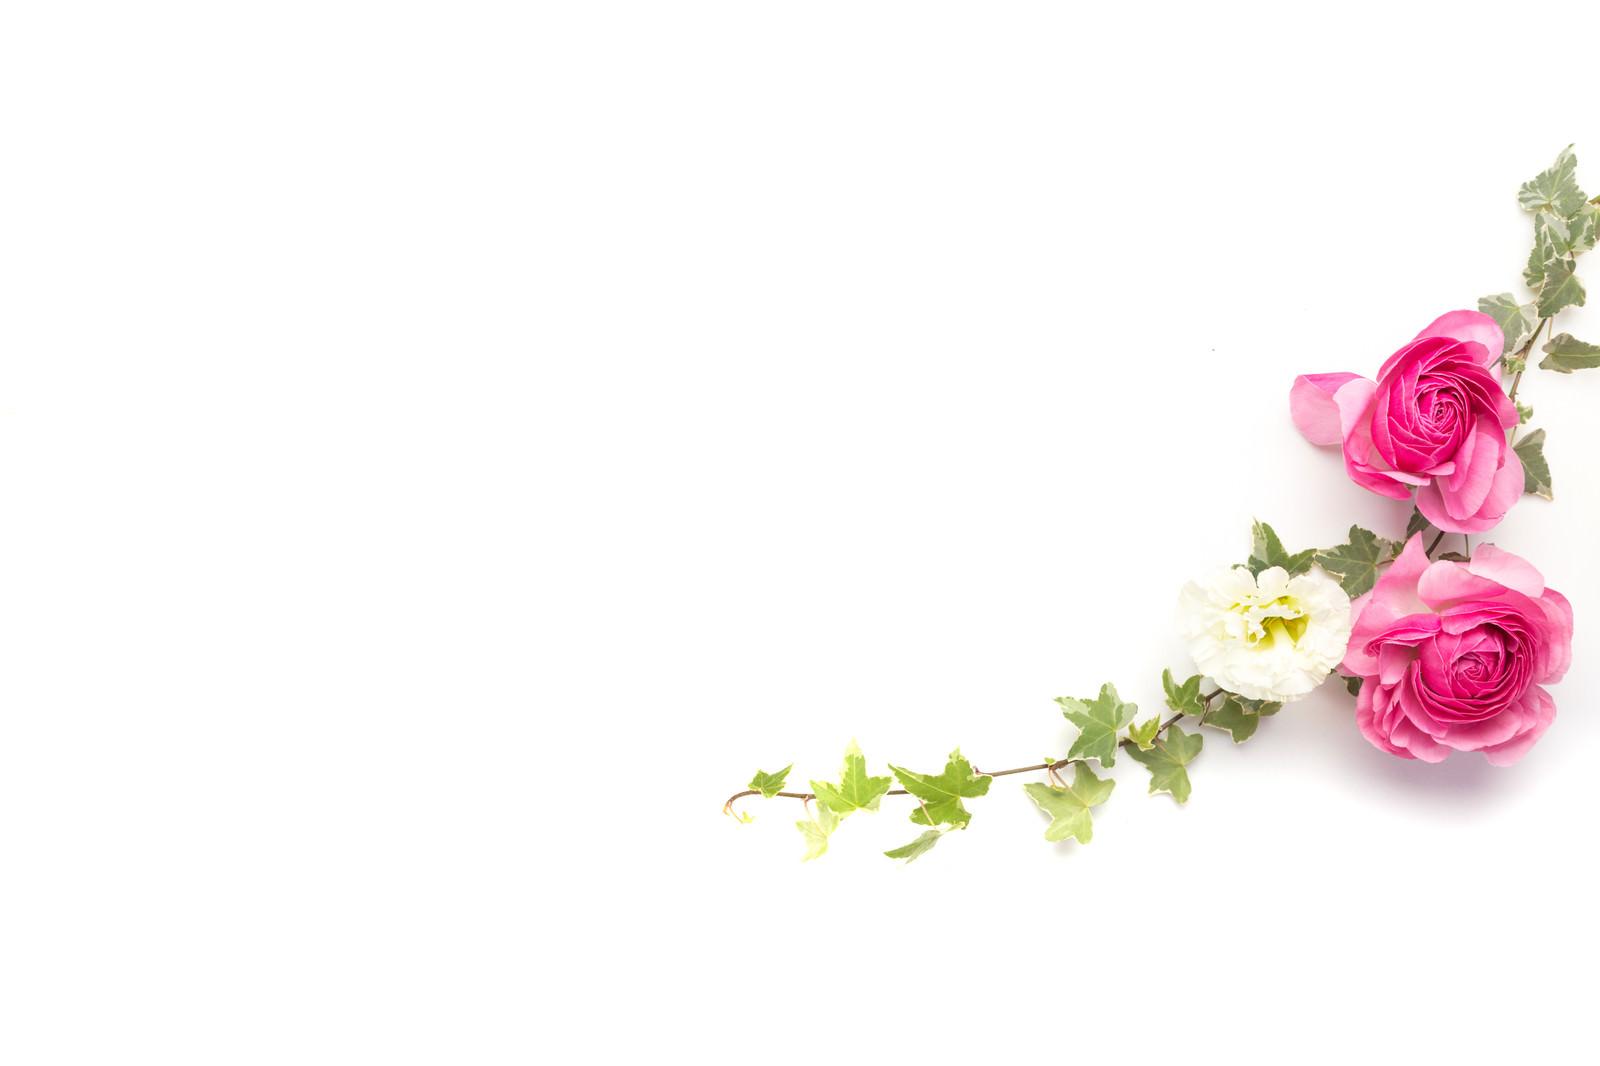 「ツタと薔薇の装花」の写真